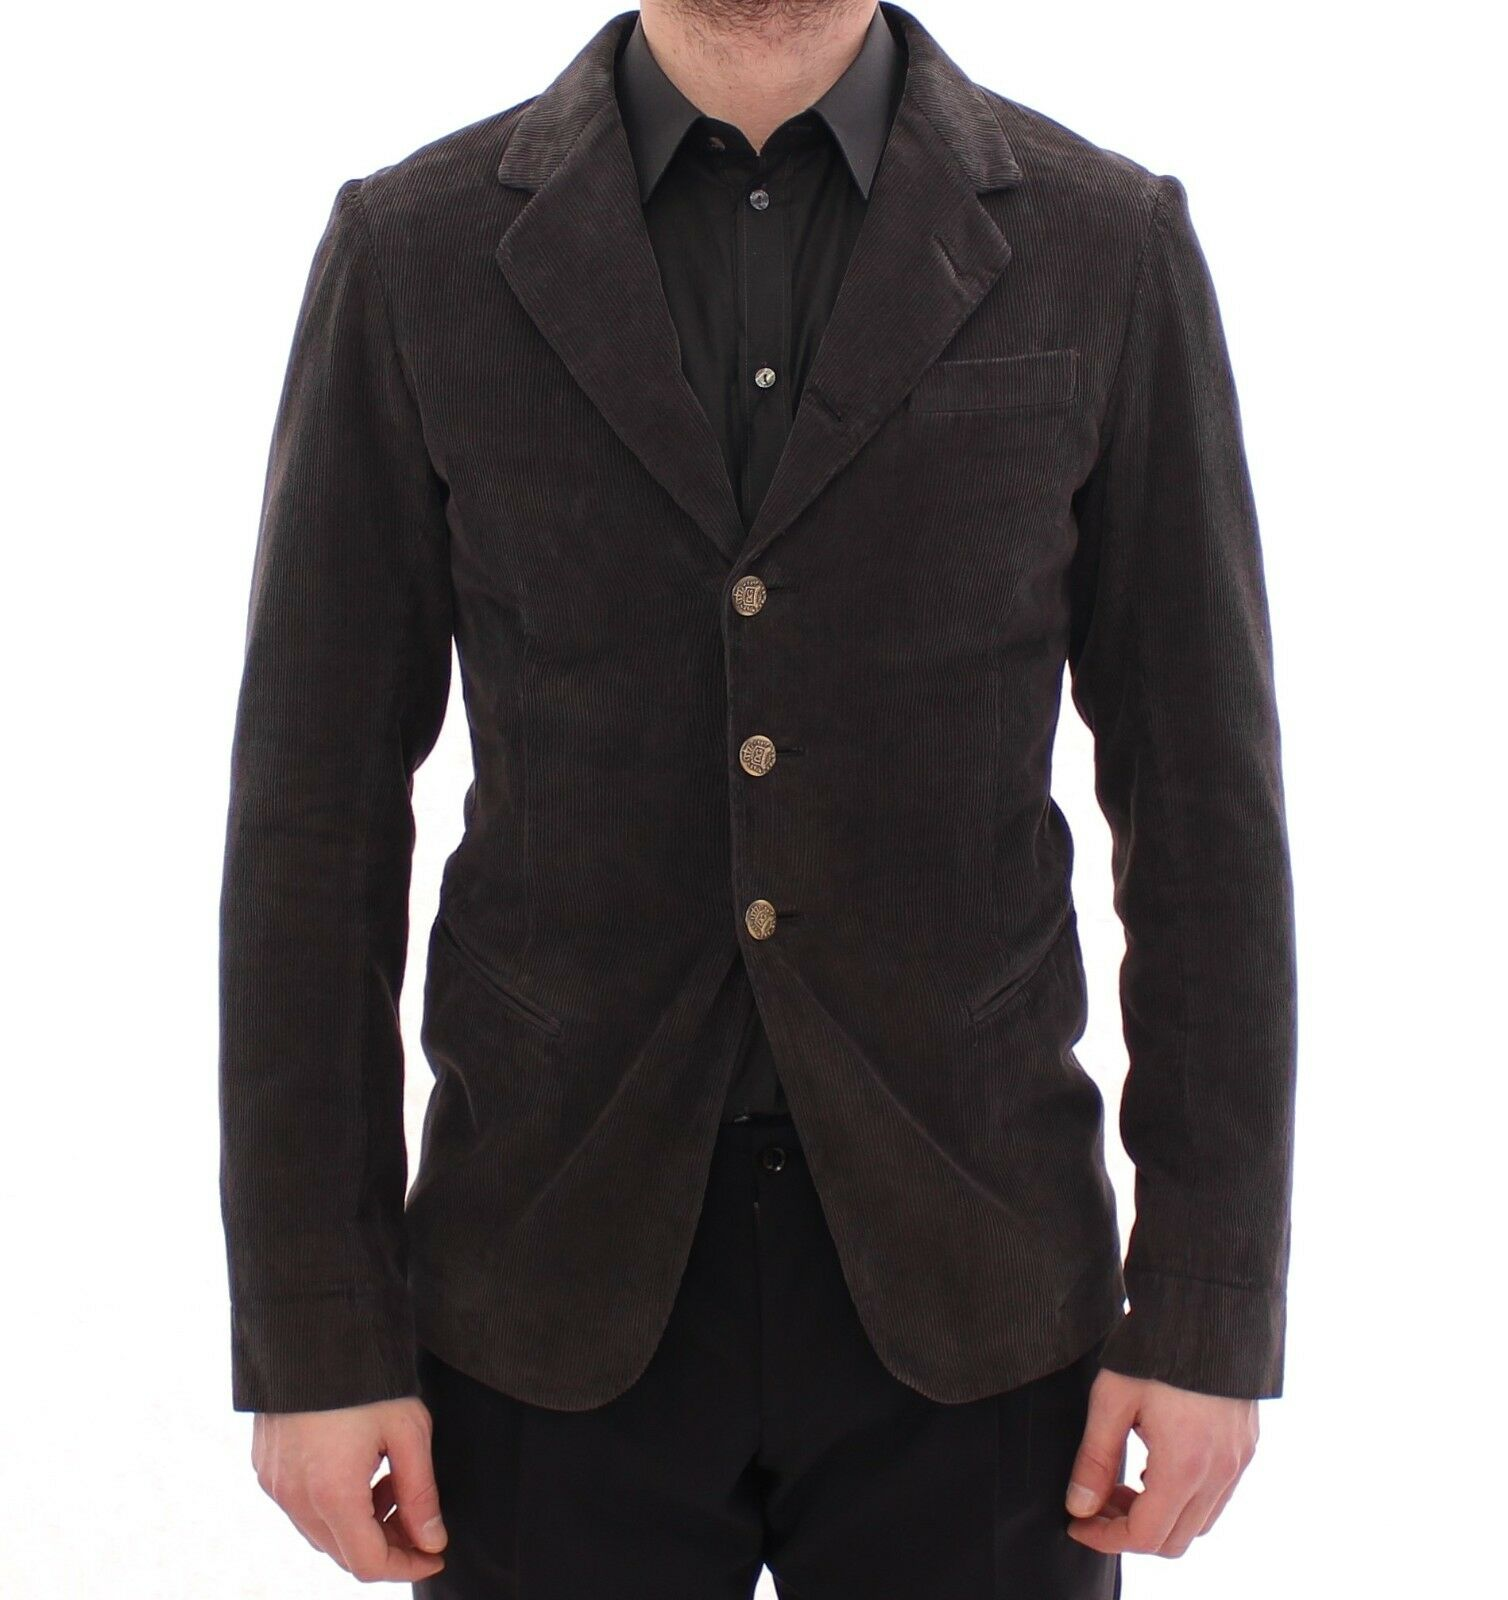 Nuova con Etichetta Dolce & Gabbana Marrone Tre Bottoni Slim Giacca Cappotto